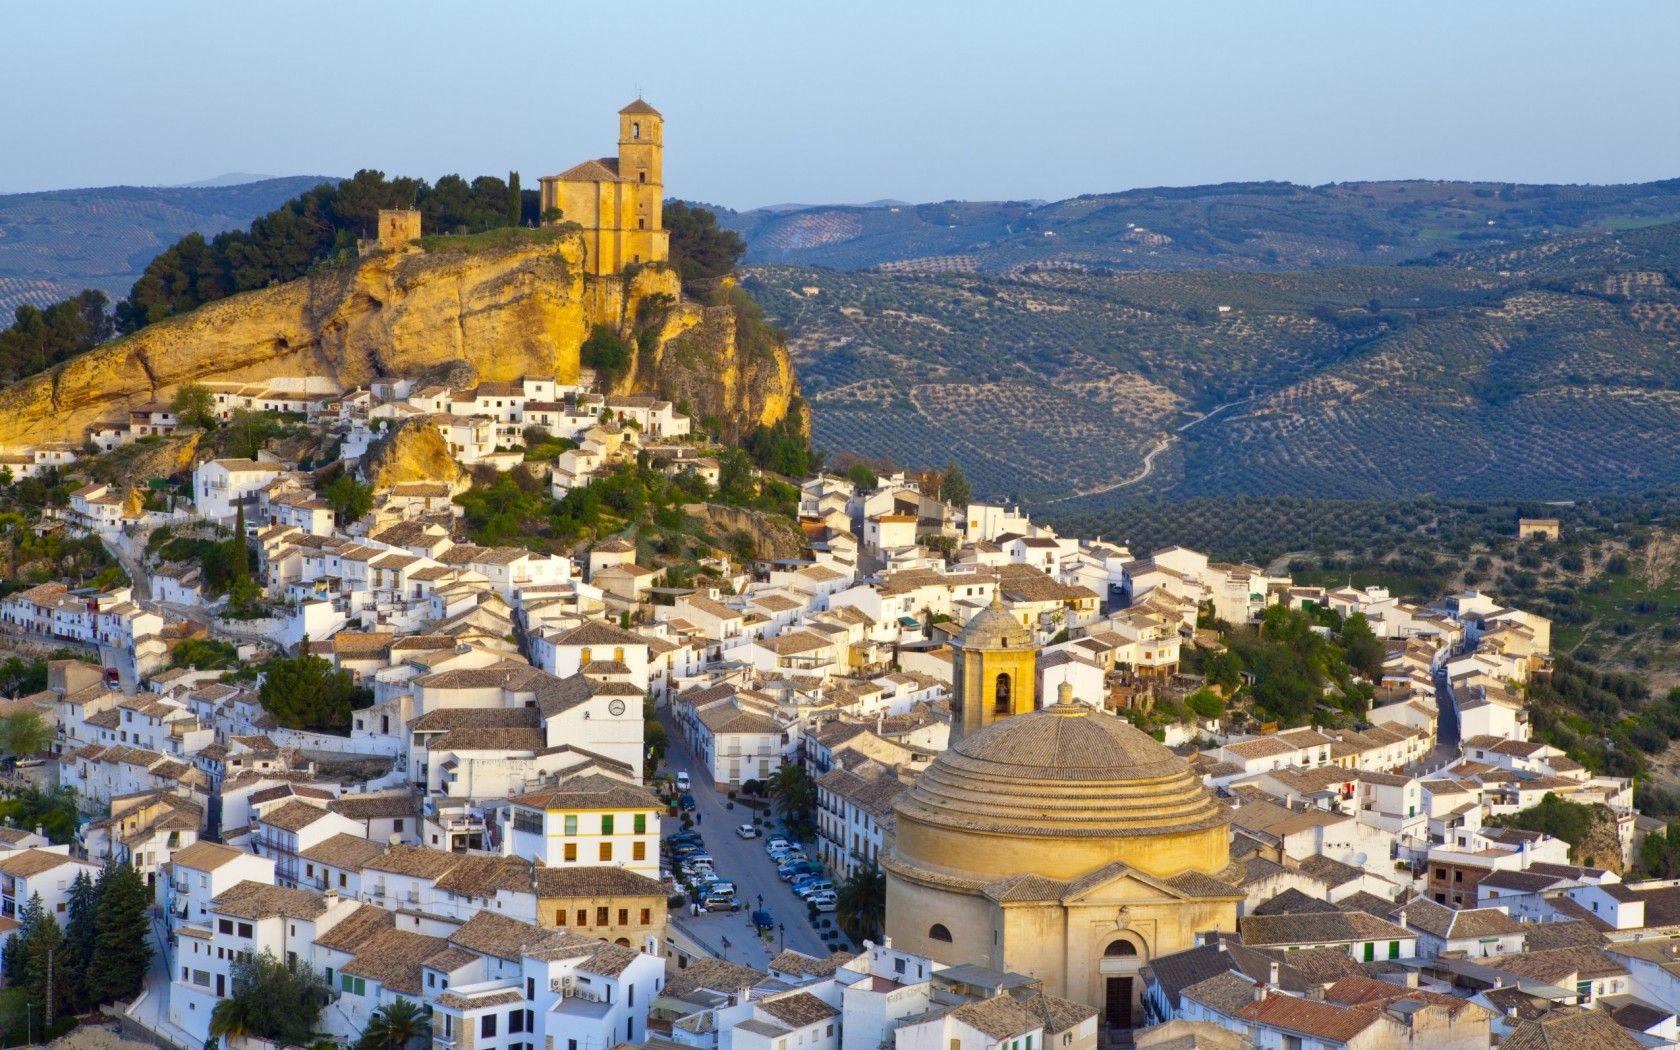 หมู่บ้านสีขาวแห่ง Andalucía Andalucía region, Spain